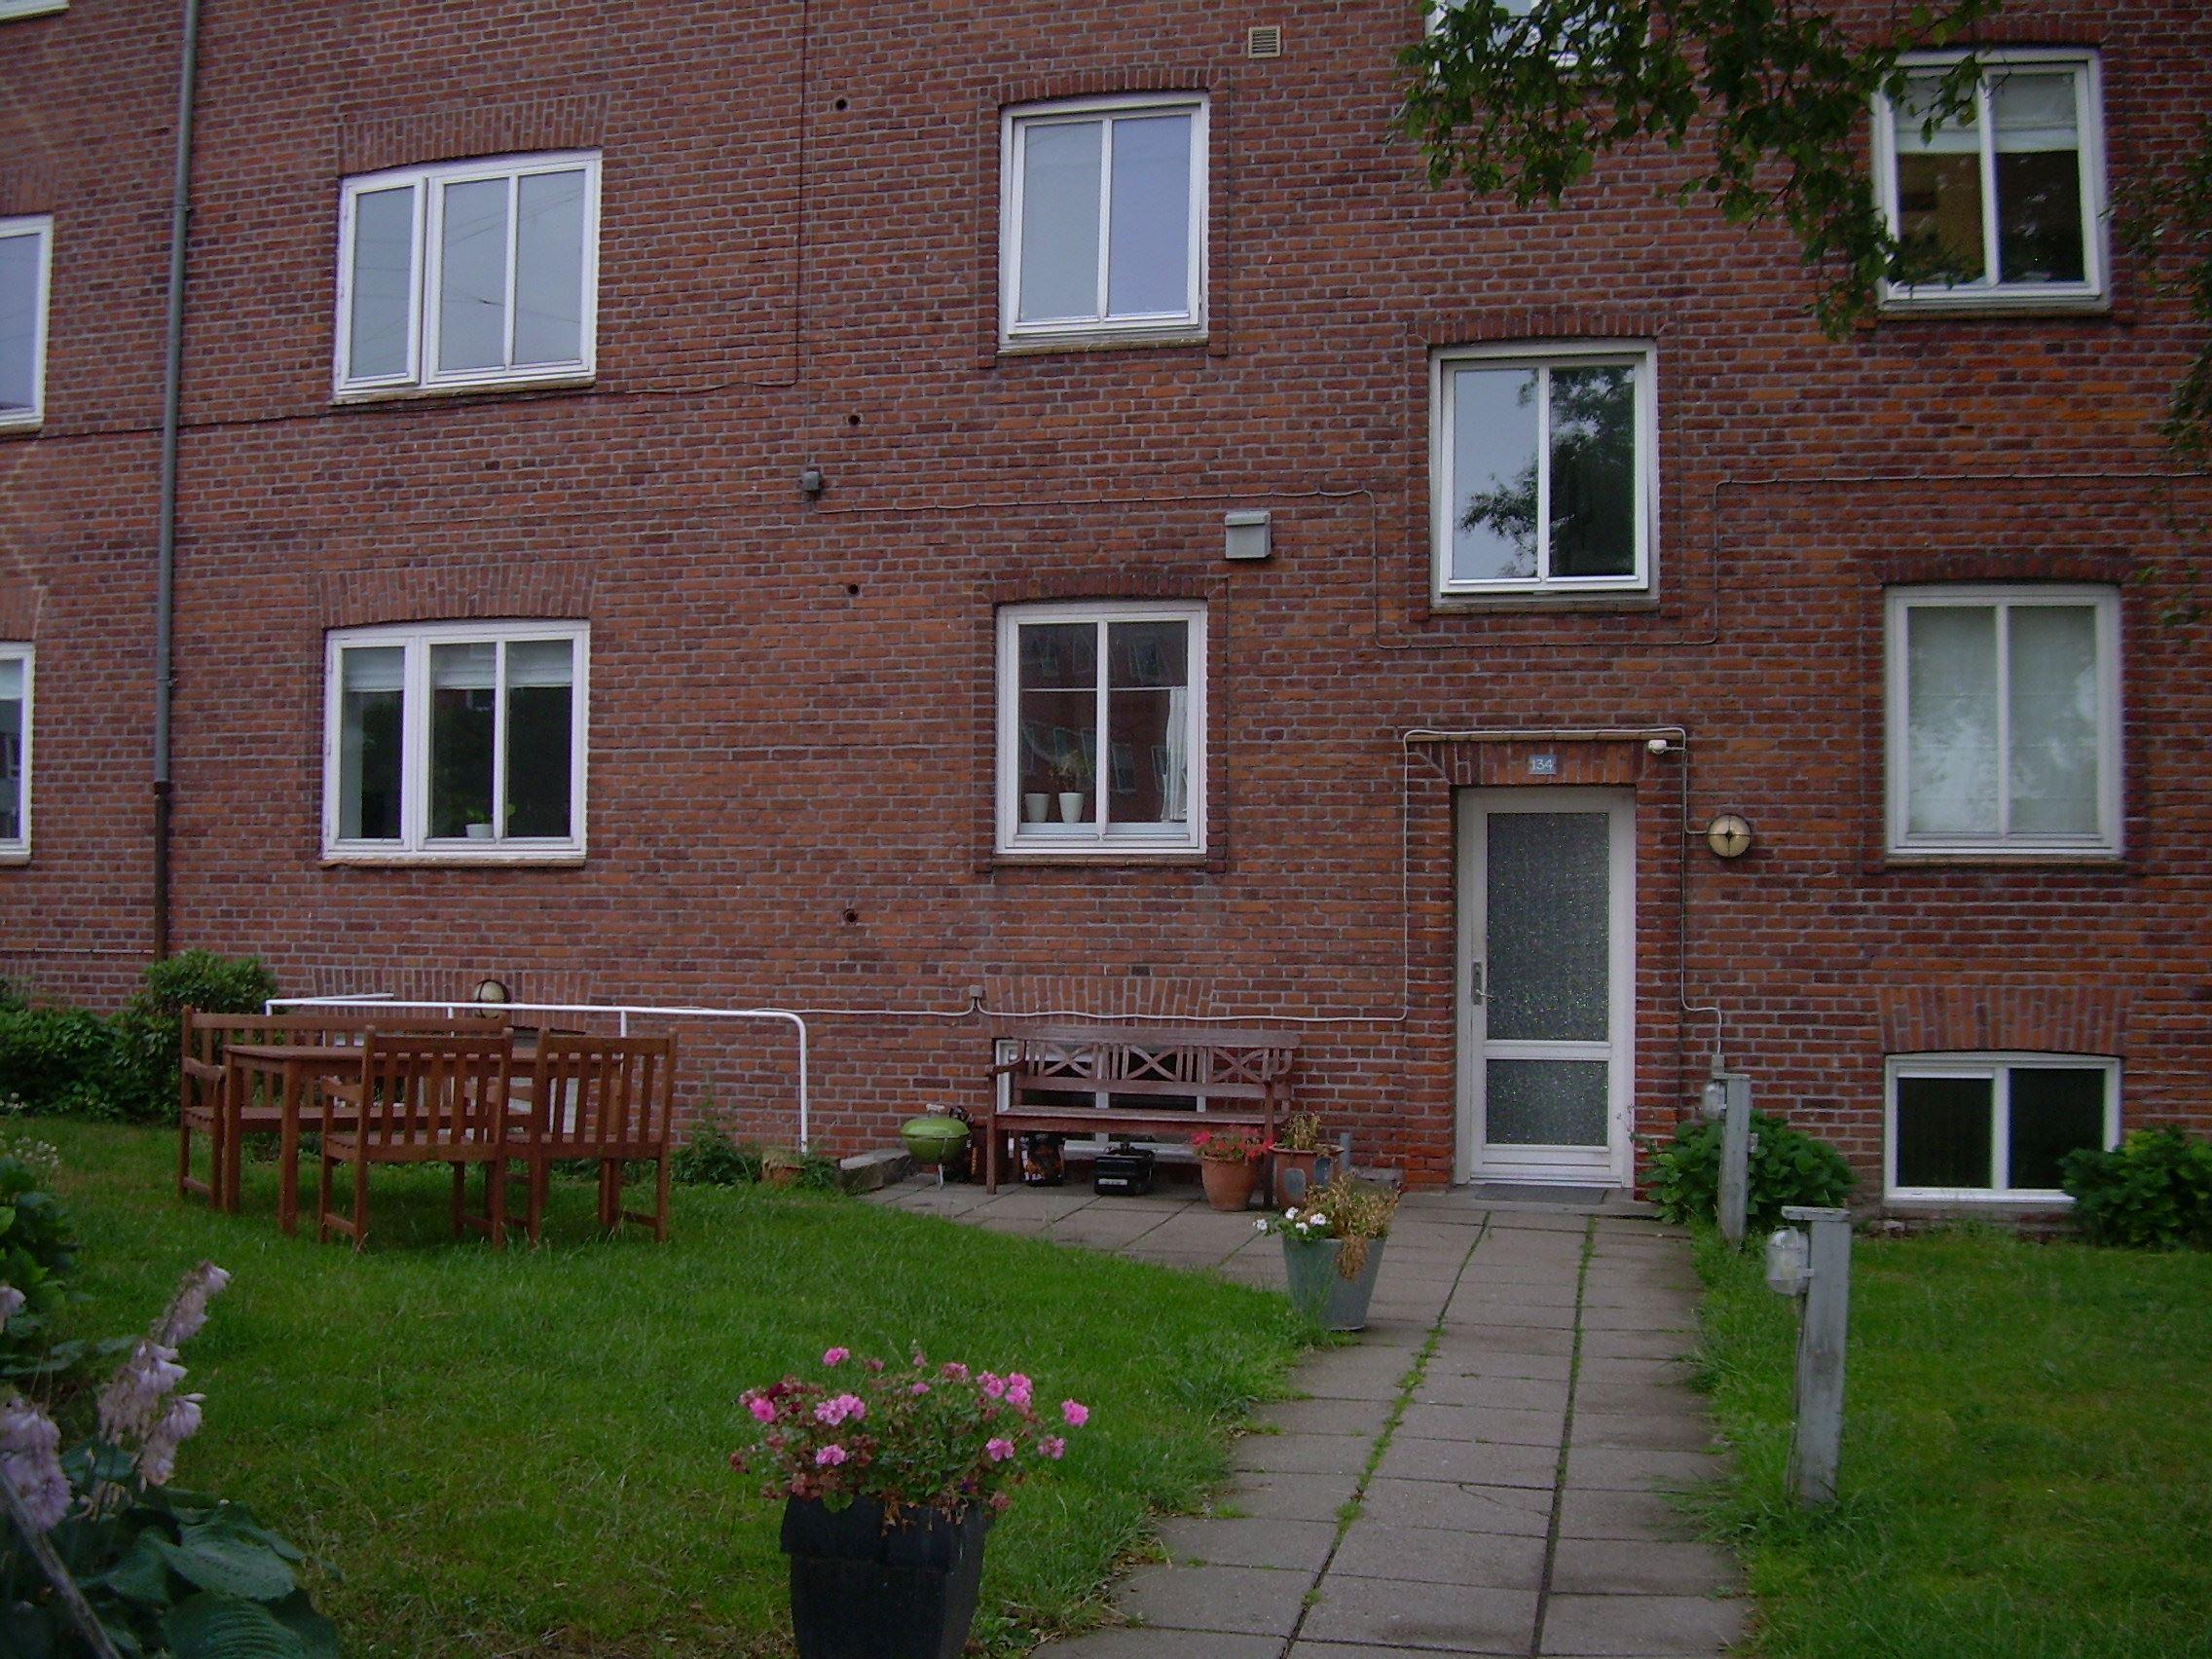 Marselis Boulevard 134, 1. 4., 8000 Aarhus C